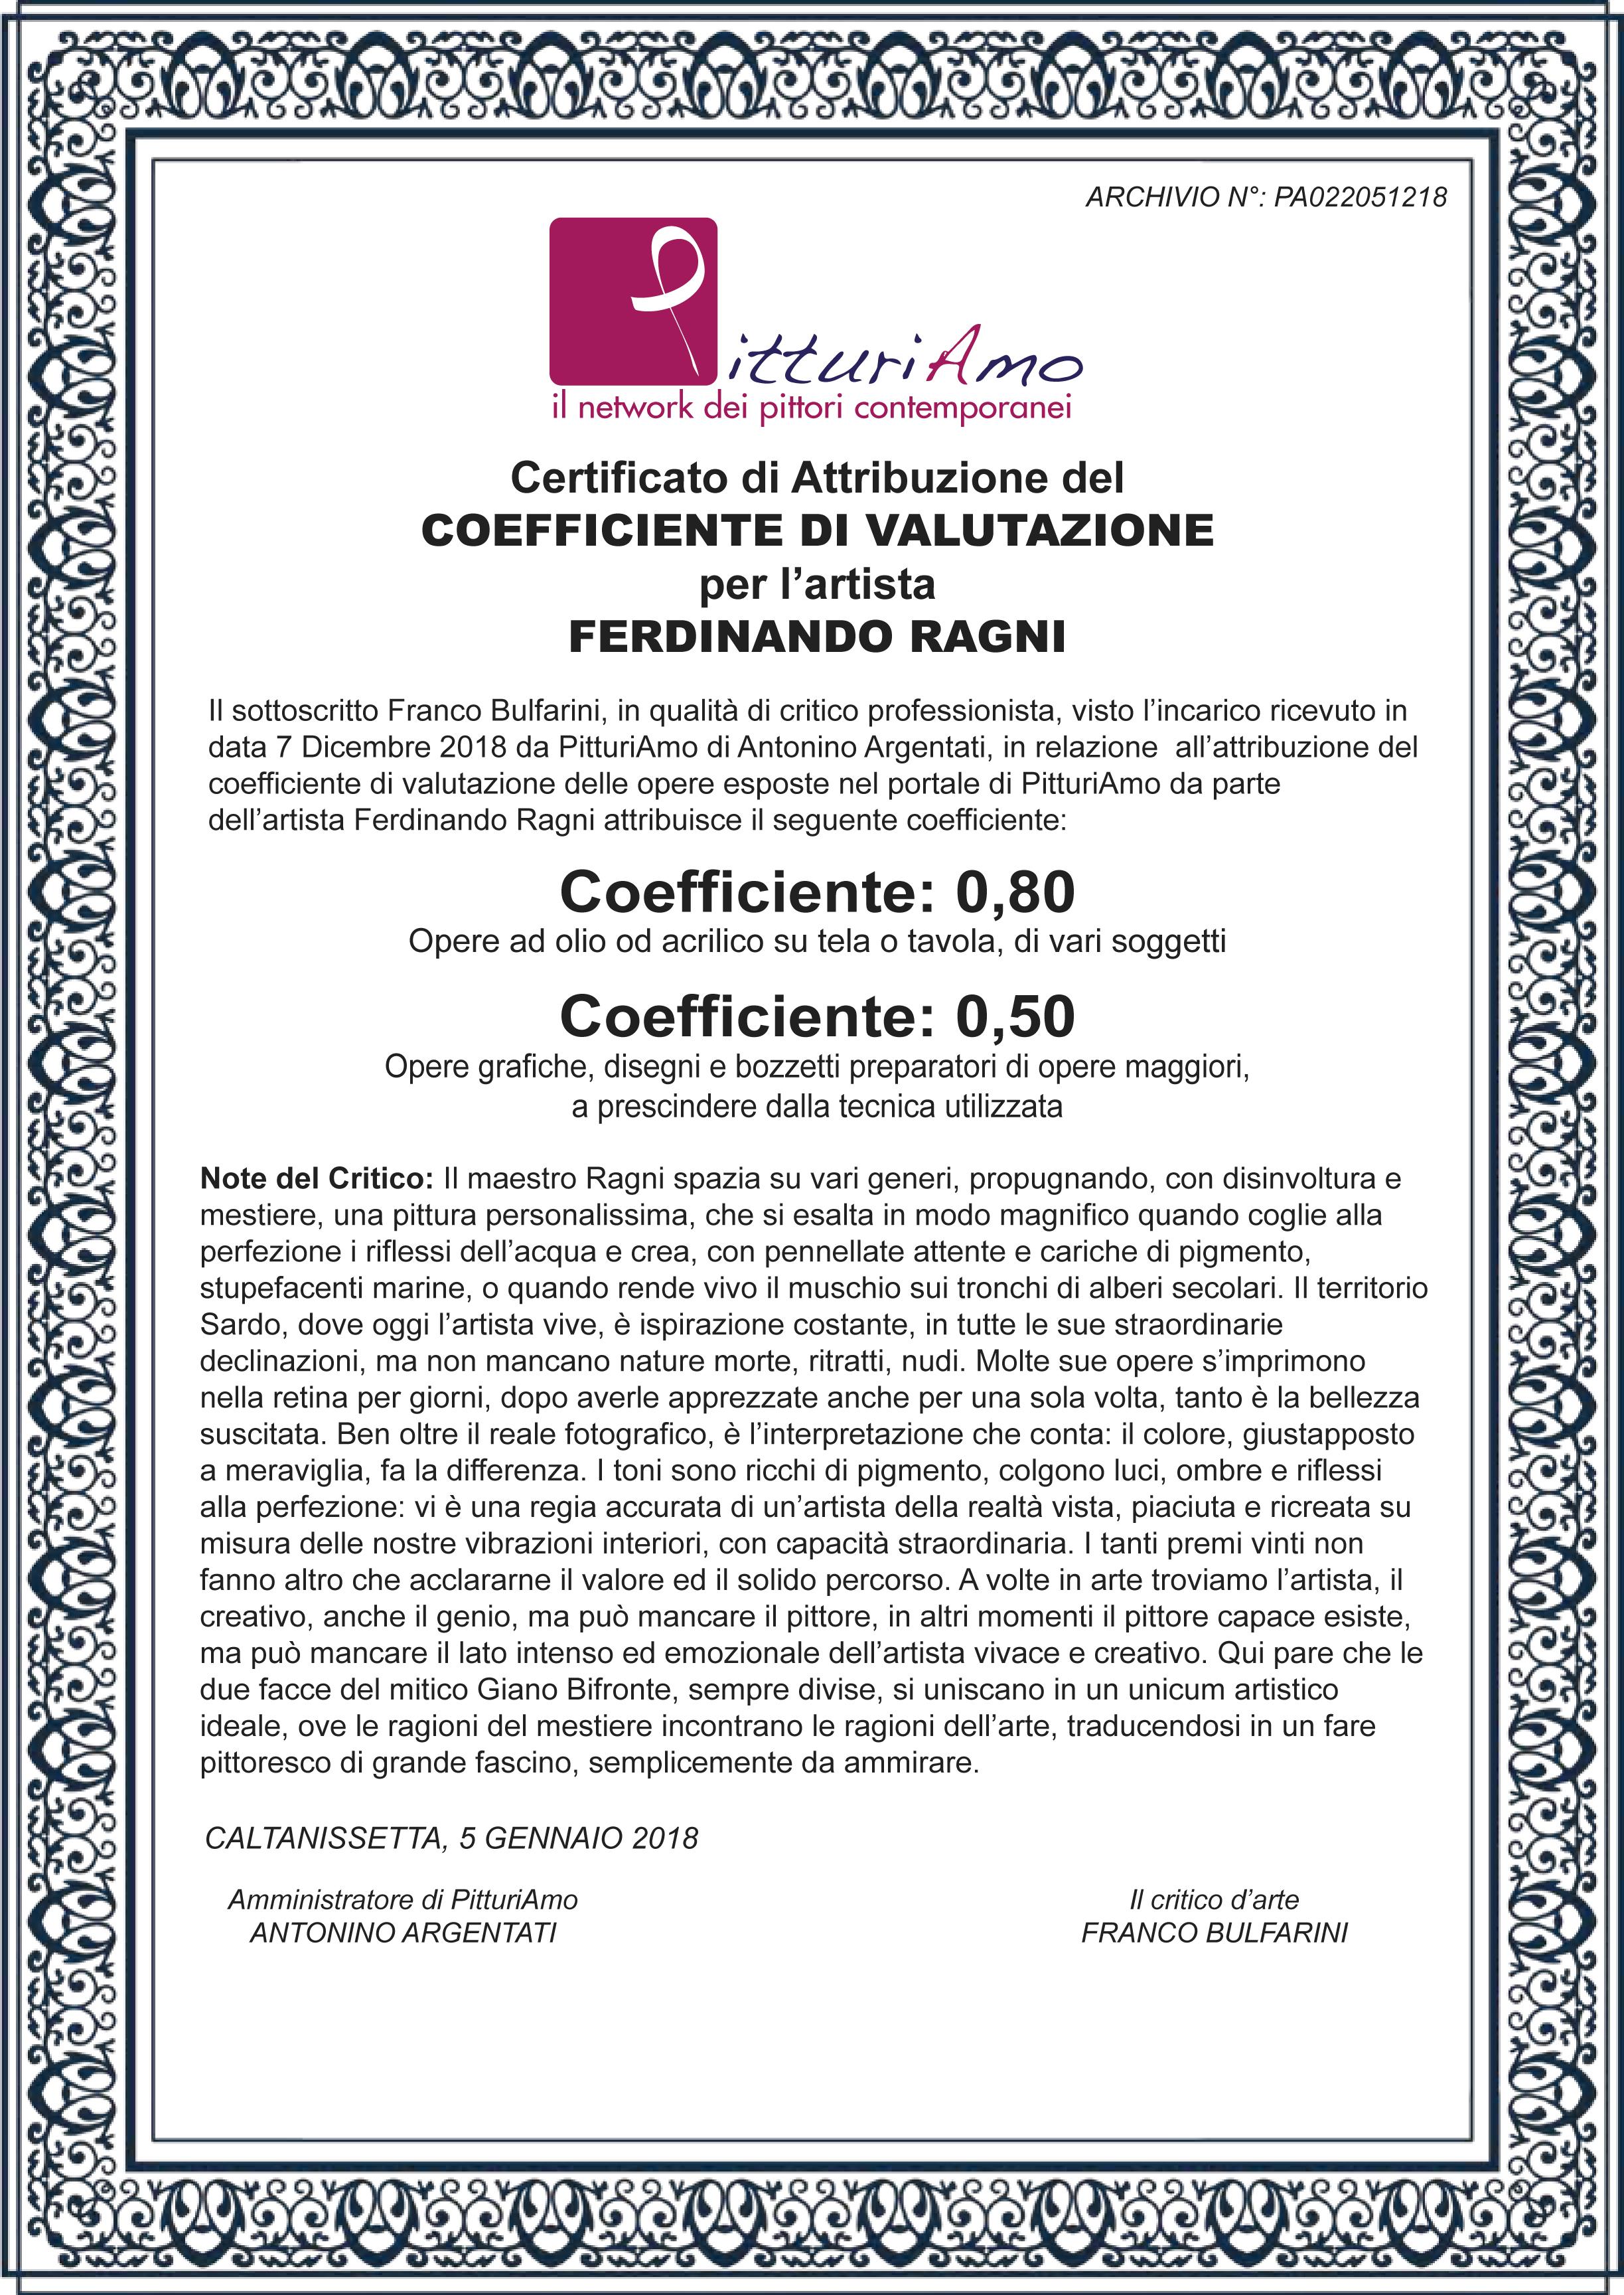 Certificazione del Coefficiente ufficiale d'artista di Ferdinando Ragni - Artista su PitturiAmo©